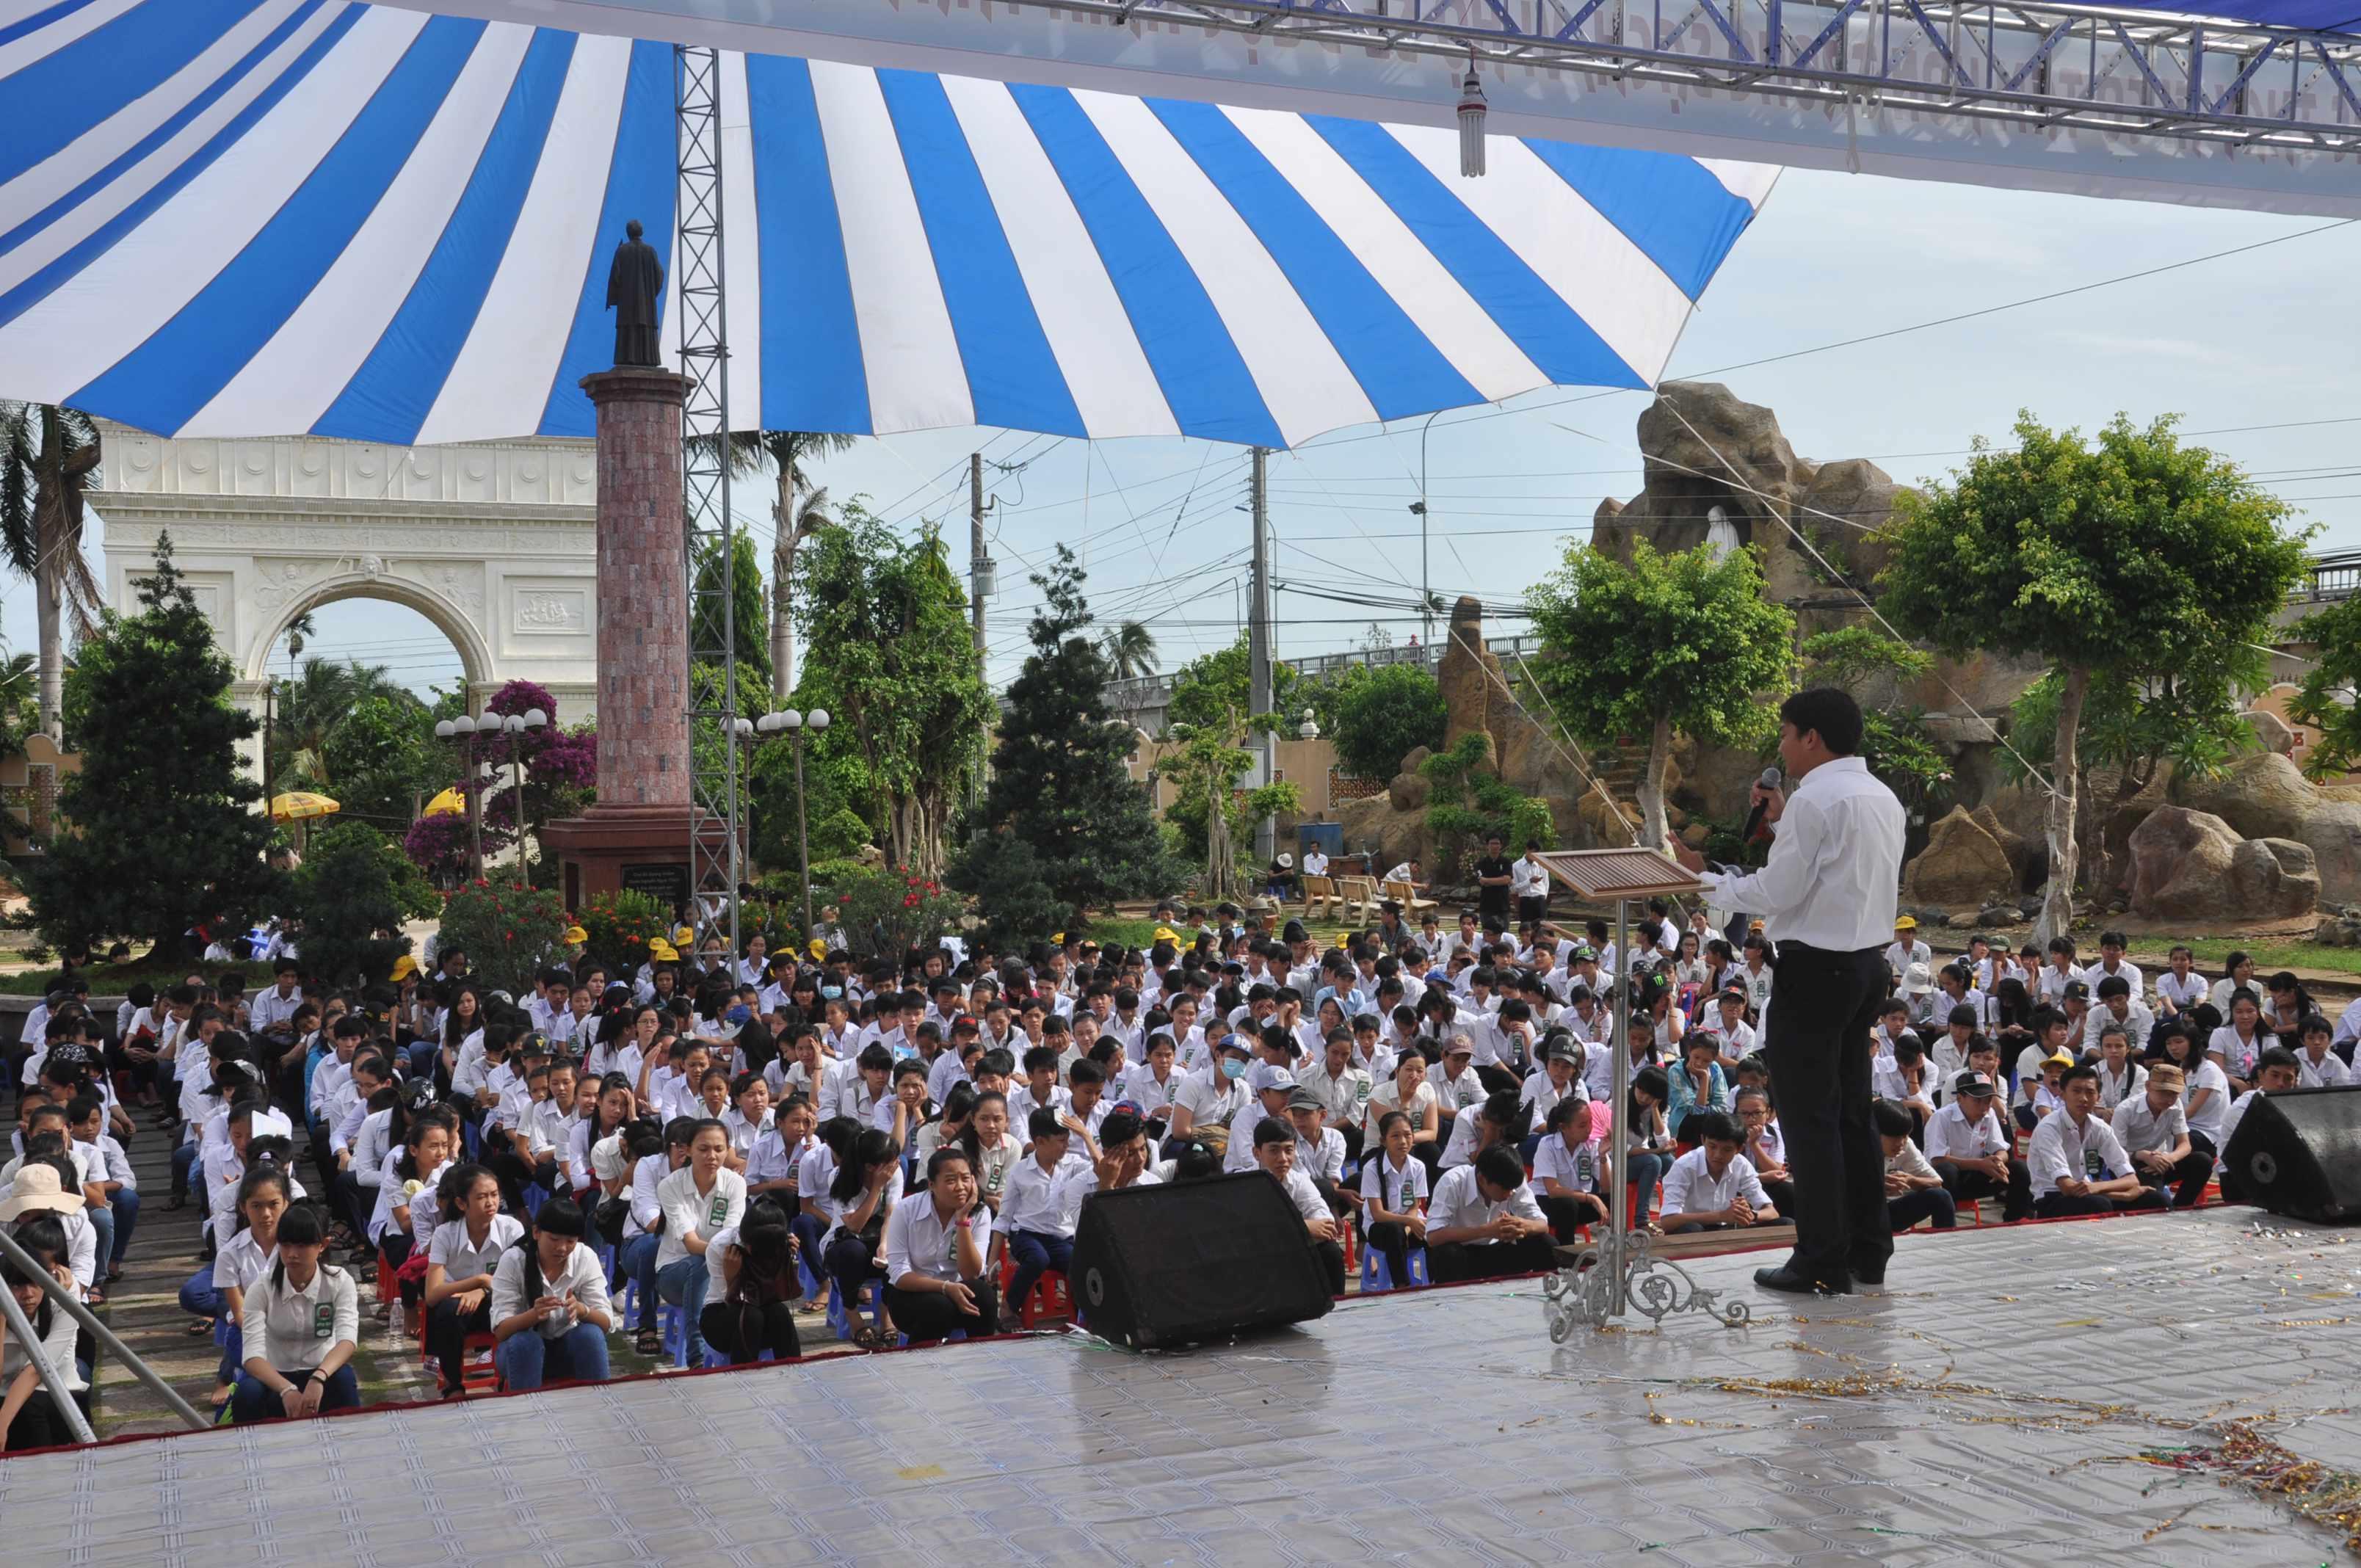 Đại Hội Giới Trẻ TỈnh Bến Tre 2015